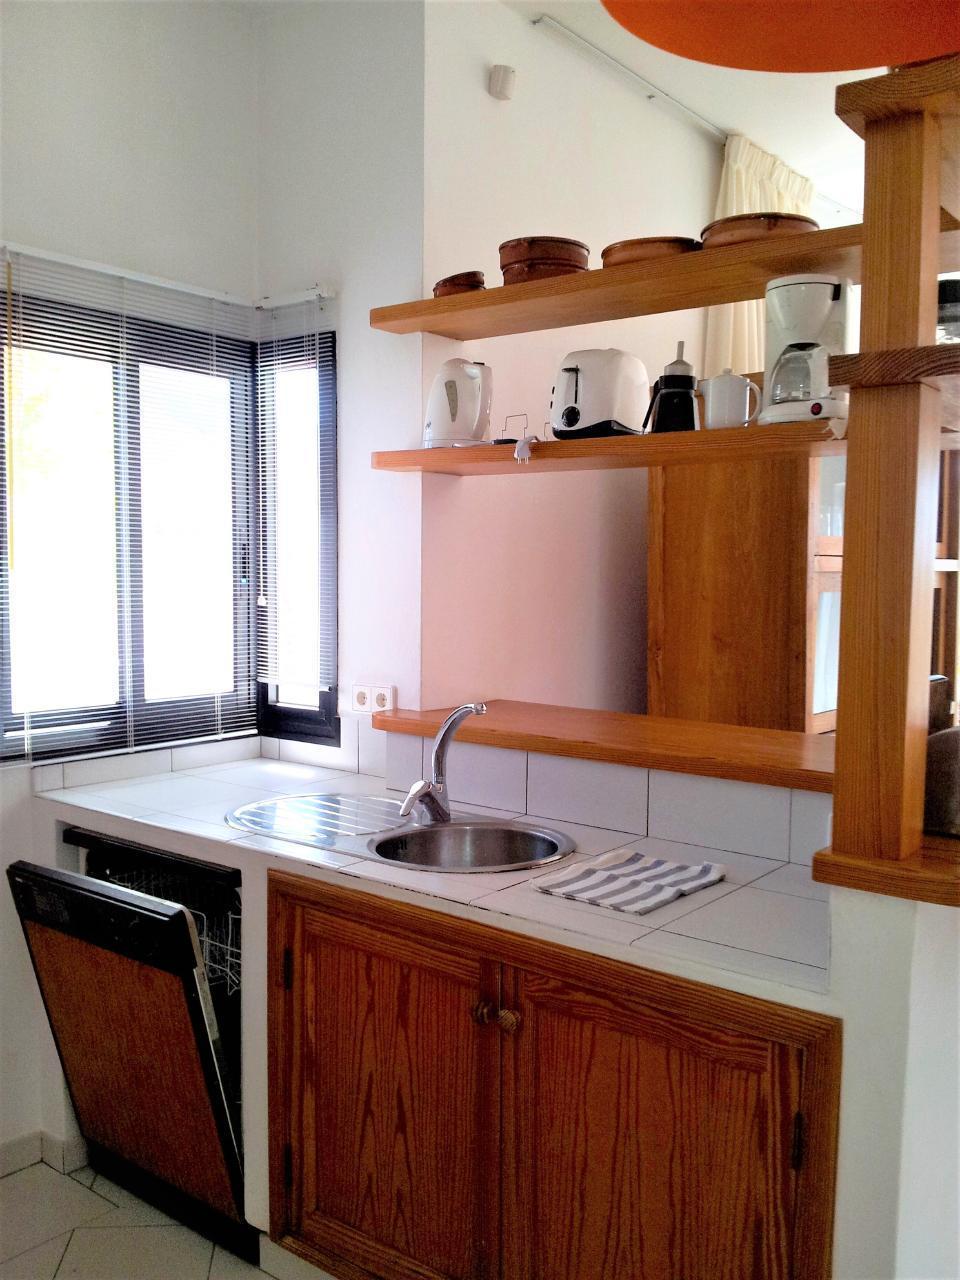 Ferienhaus Exklusive Villa in Strandnähe (642541), Giniginamar, Fuerteventura, Kanarische Inseln, Spanien, Bild 62